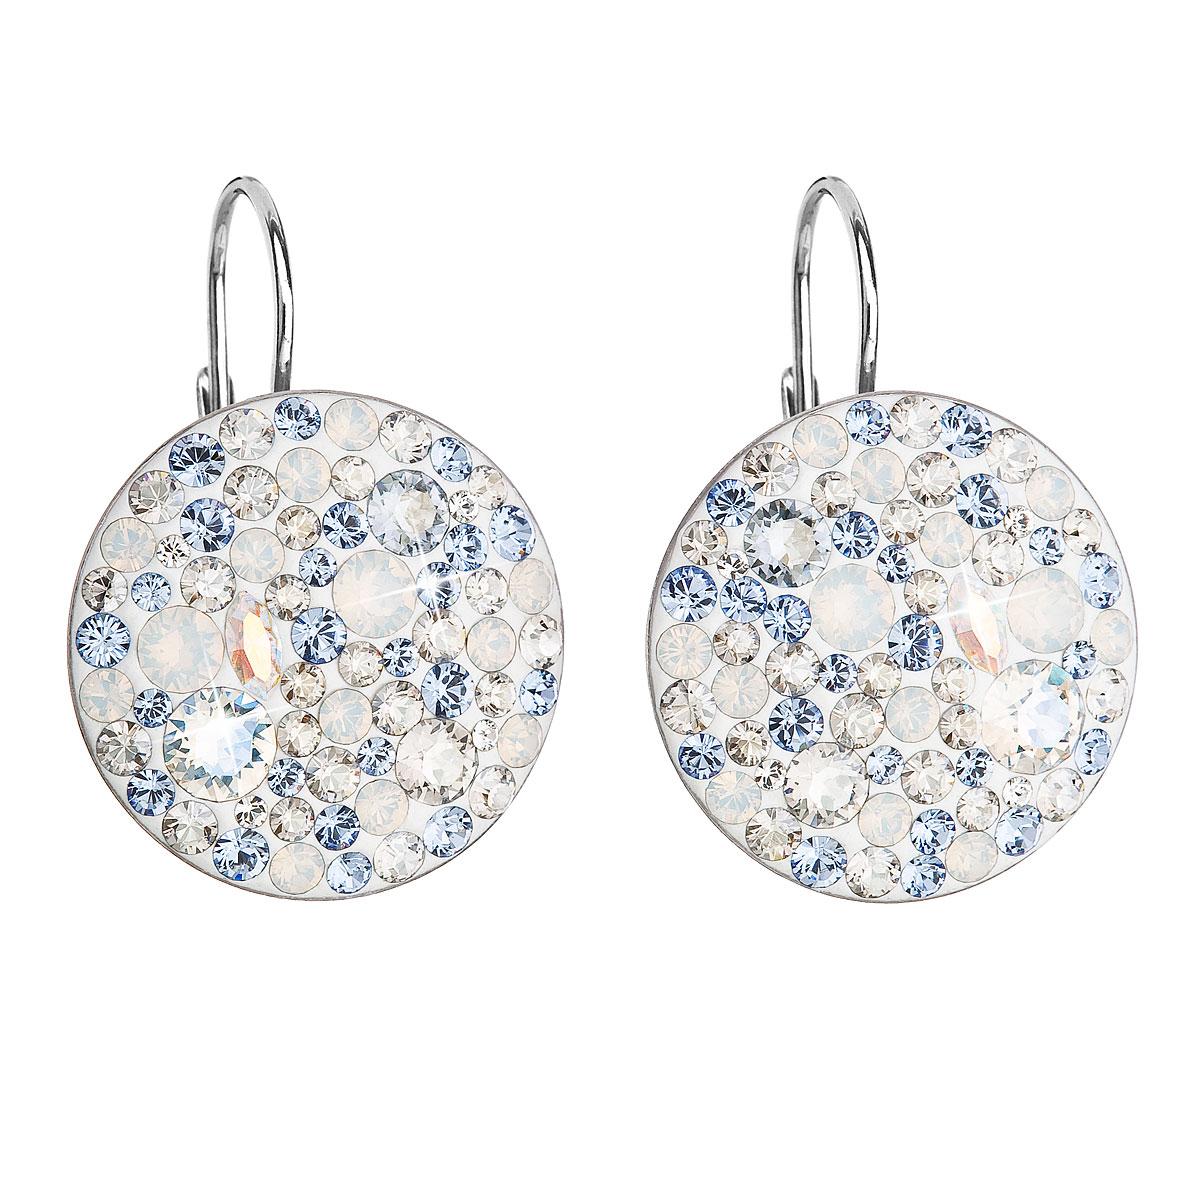 Strieborné náušnice visiace s krištálmi Swarovski modré okrúhle 31161.3 light sapphire